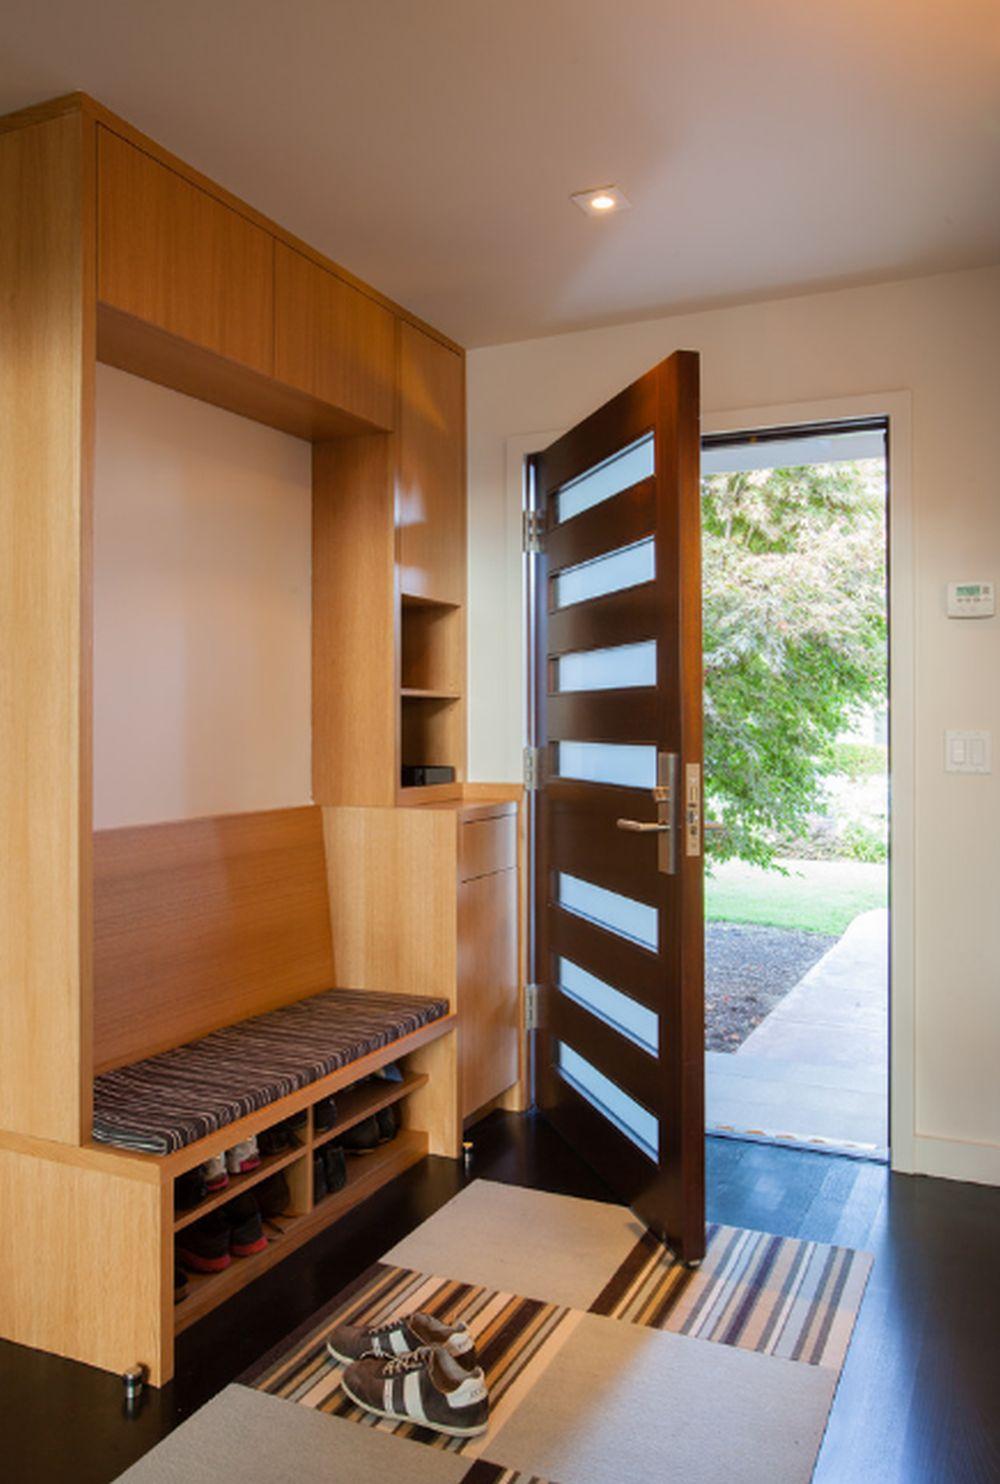 adelaparvu.com despre 30 solutii pentru separarea usii de la intrare, hol creat cu mobila si paravane, Foto De Mattei Construction